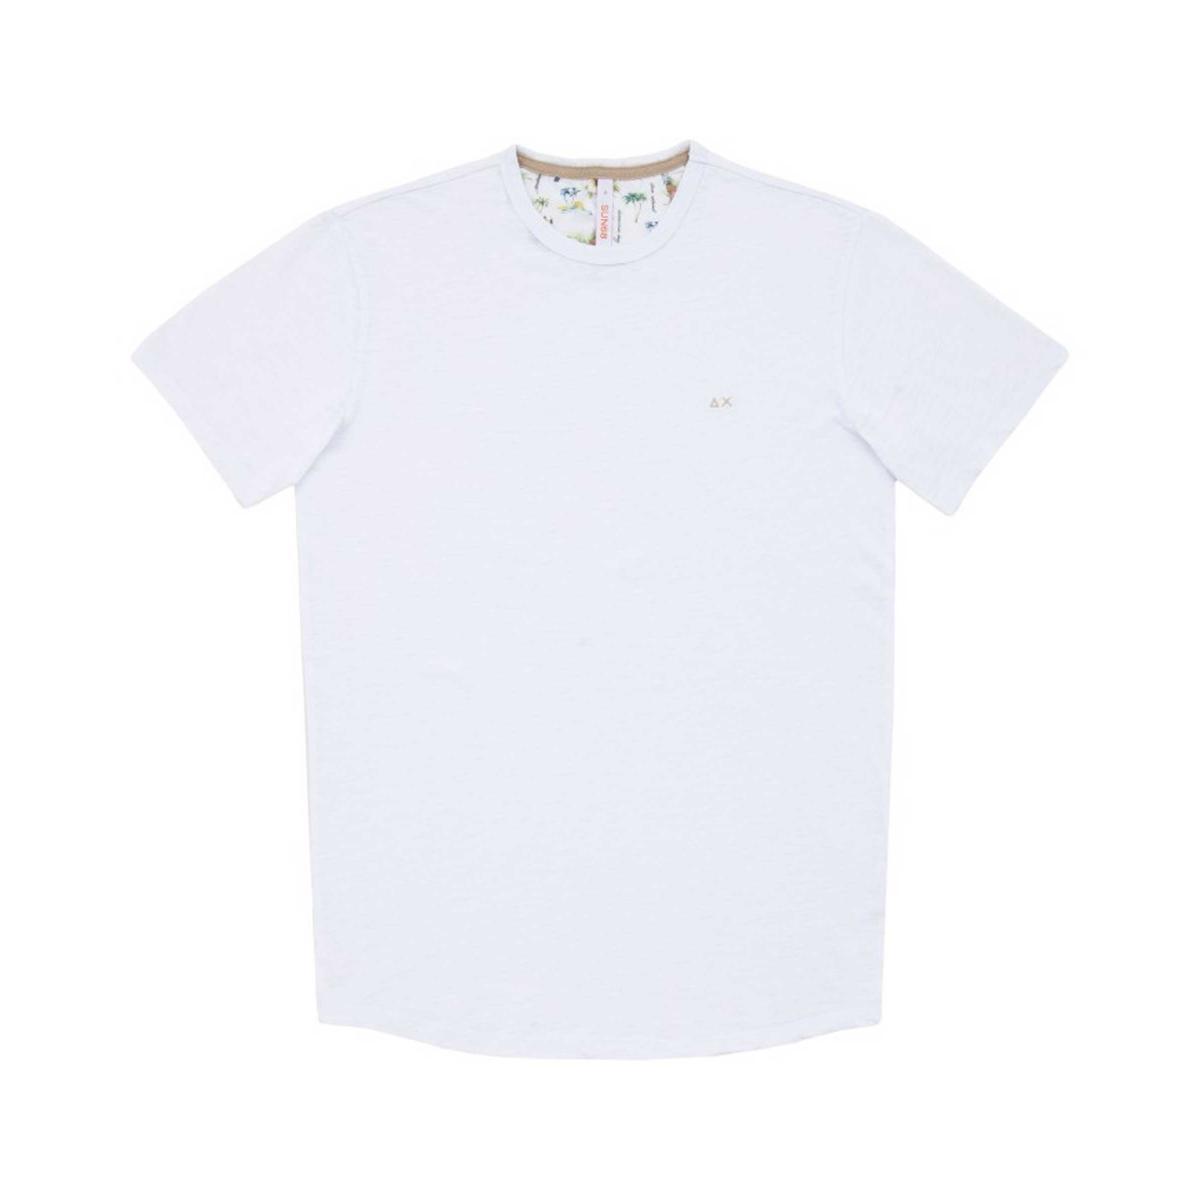 T-shirt SUN68 girocollo con mini logo sul petto da uomo rif. T19109